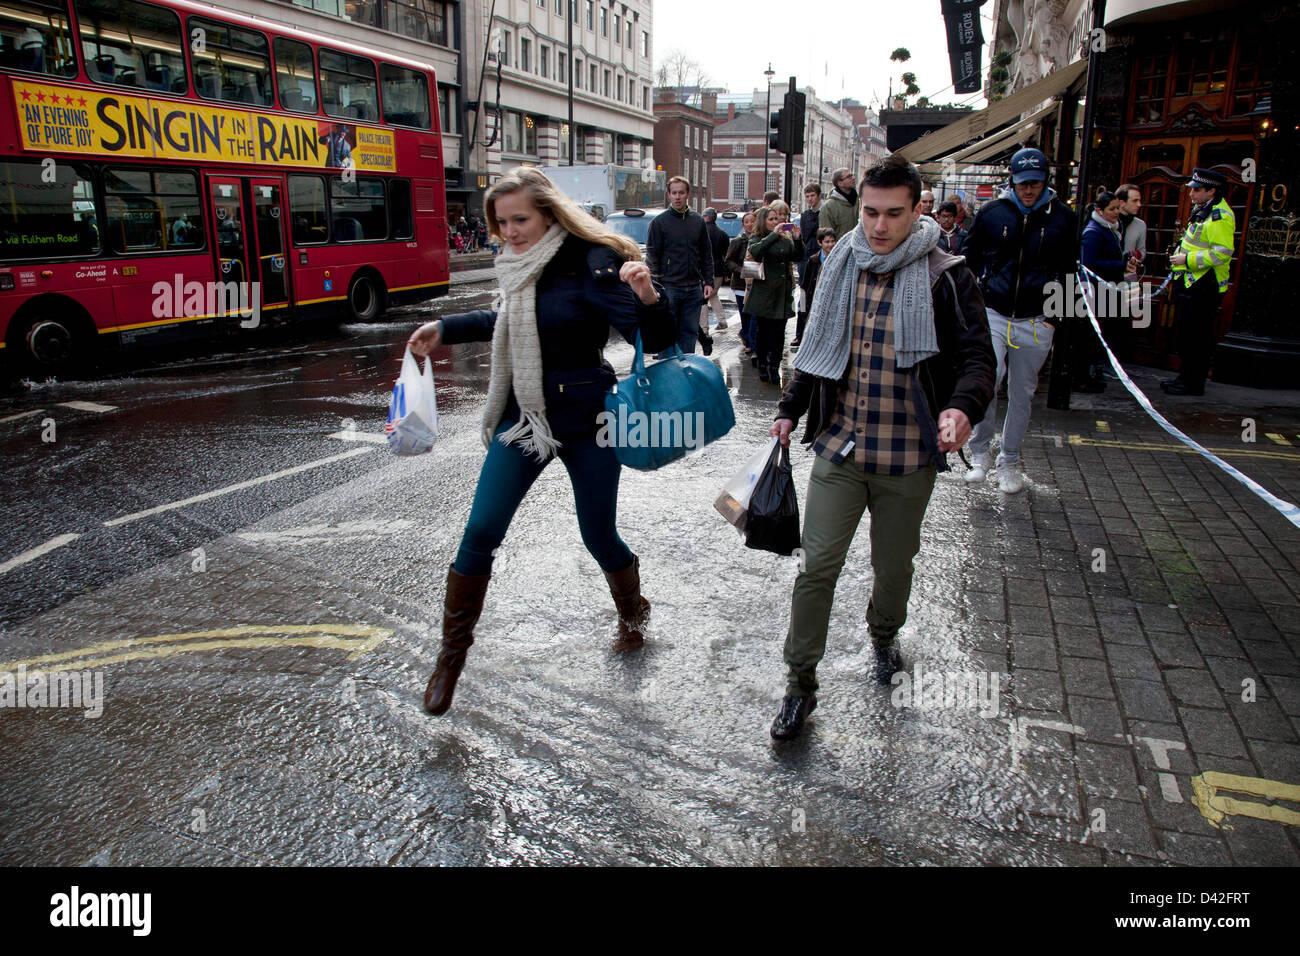 Londres, Reino Unido. Sábado 2 de marzo de 2013. Agua de ráfaga principal perturbación causa inundaciones Imagen De Stock